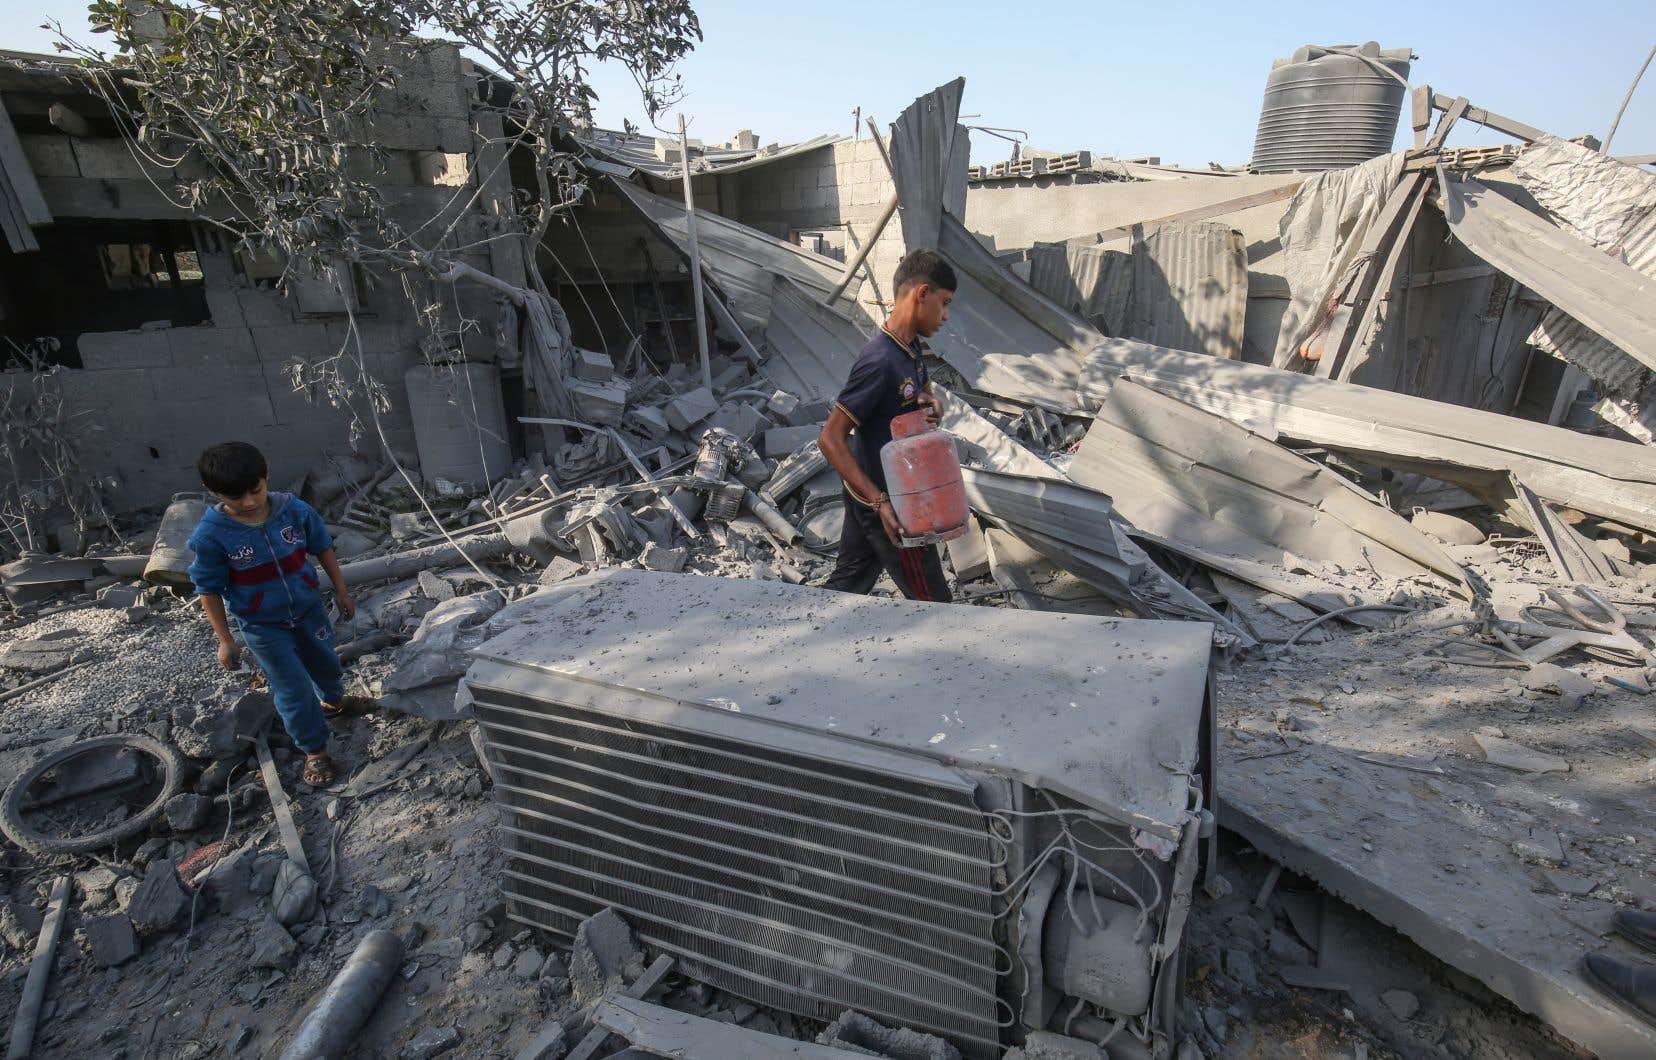 Deux jeunes Palestiniens constatent l'étendue des dommages causés par les frappes israéliennes à Khan Younès, dans le sud de la bande de Gaza.